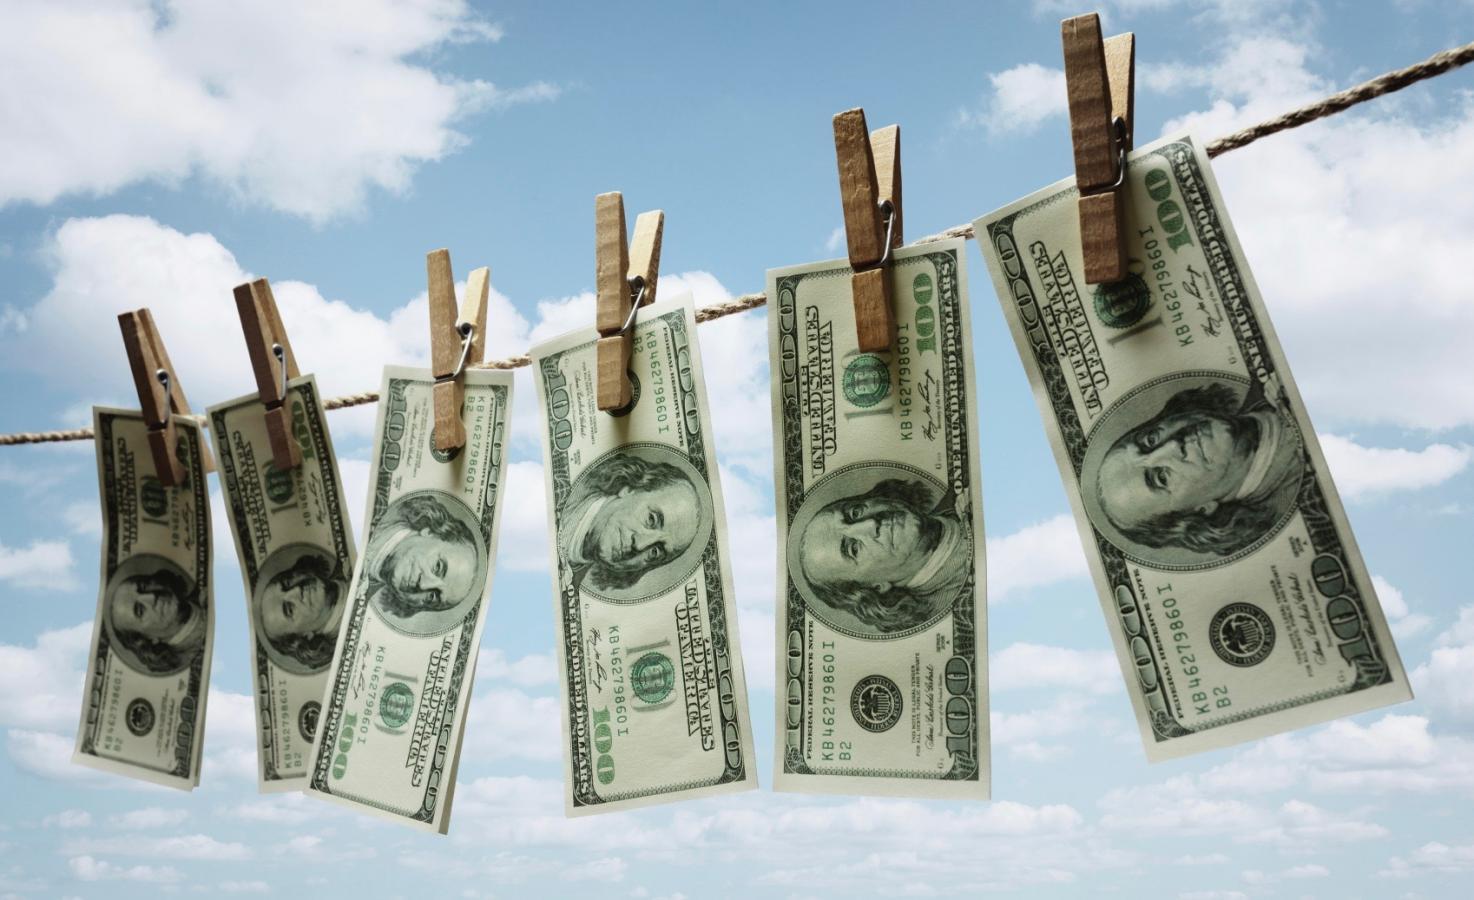 Criptovalute sotto controllo per riciclaggio di denaro e il controllo del finanziamento del terrorismo in Australia - Criptovalute sotto controllo per riciclaggio di denaro e il controllo del finanziamento del terrorismo in Australia